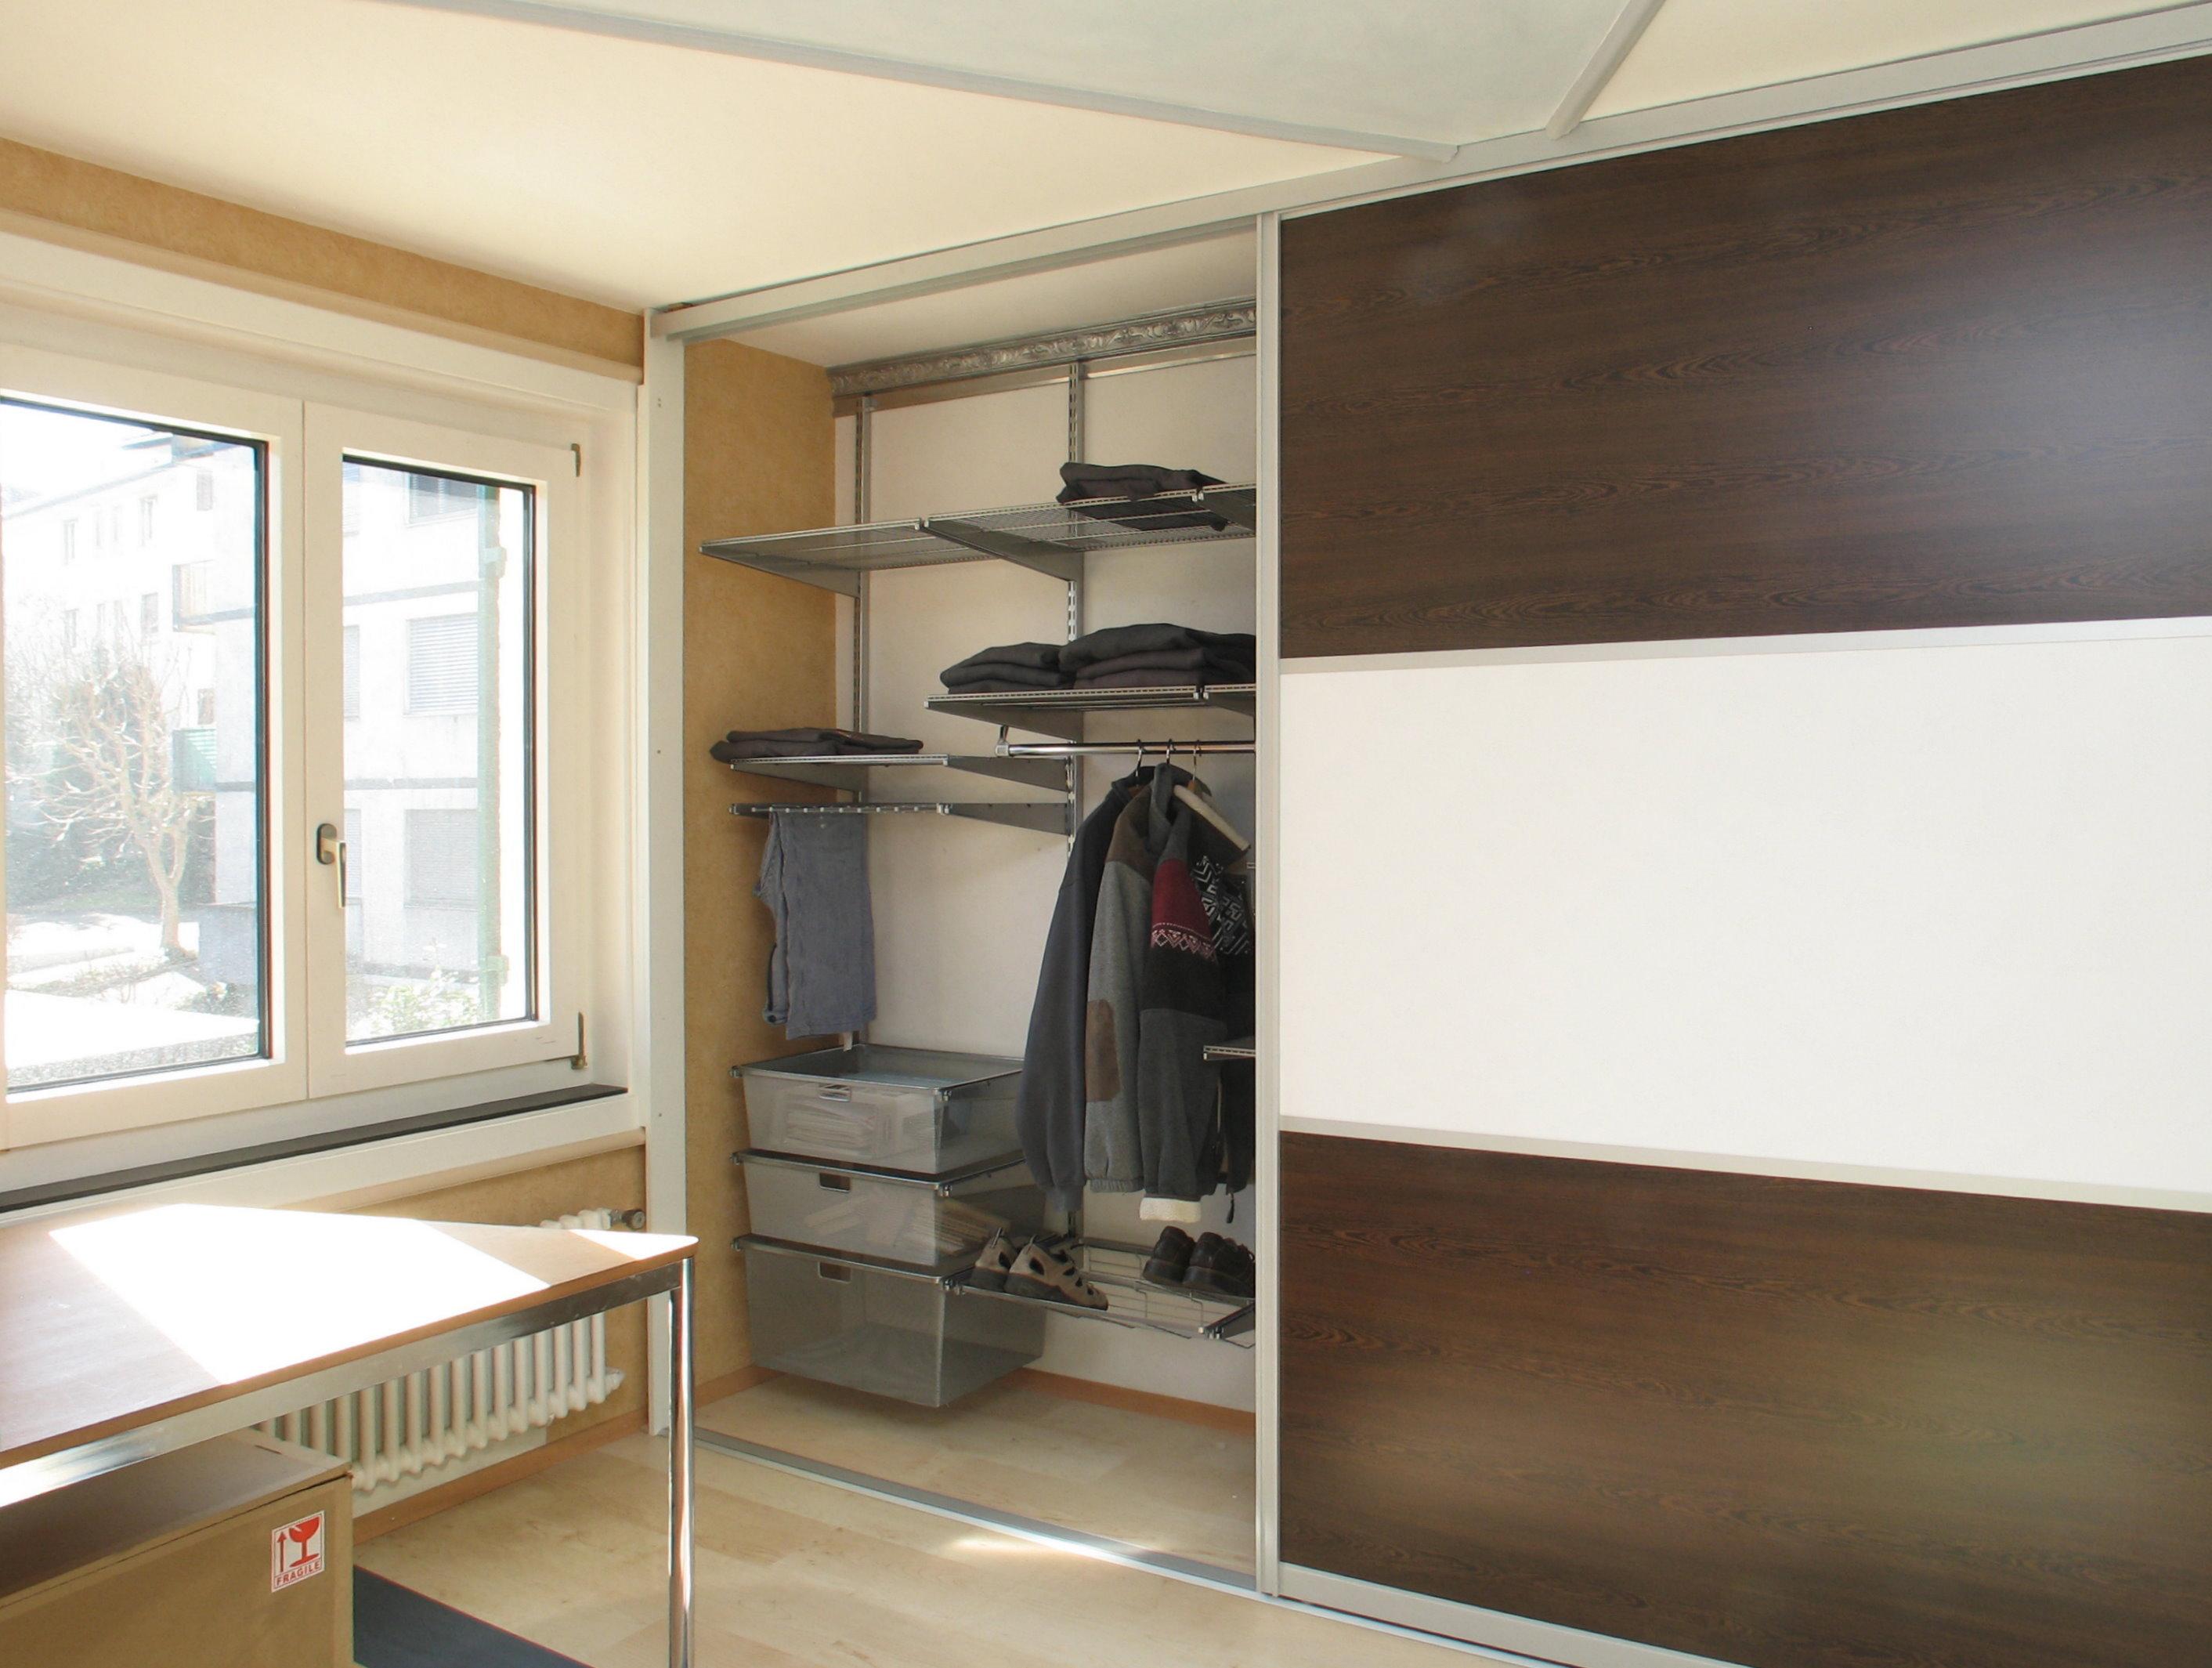 Berühmt Benutzerdefinierte Küchenschrank Hersteller Fotos - Küche ...